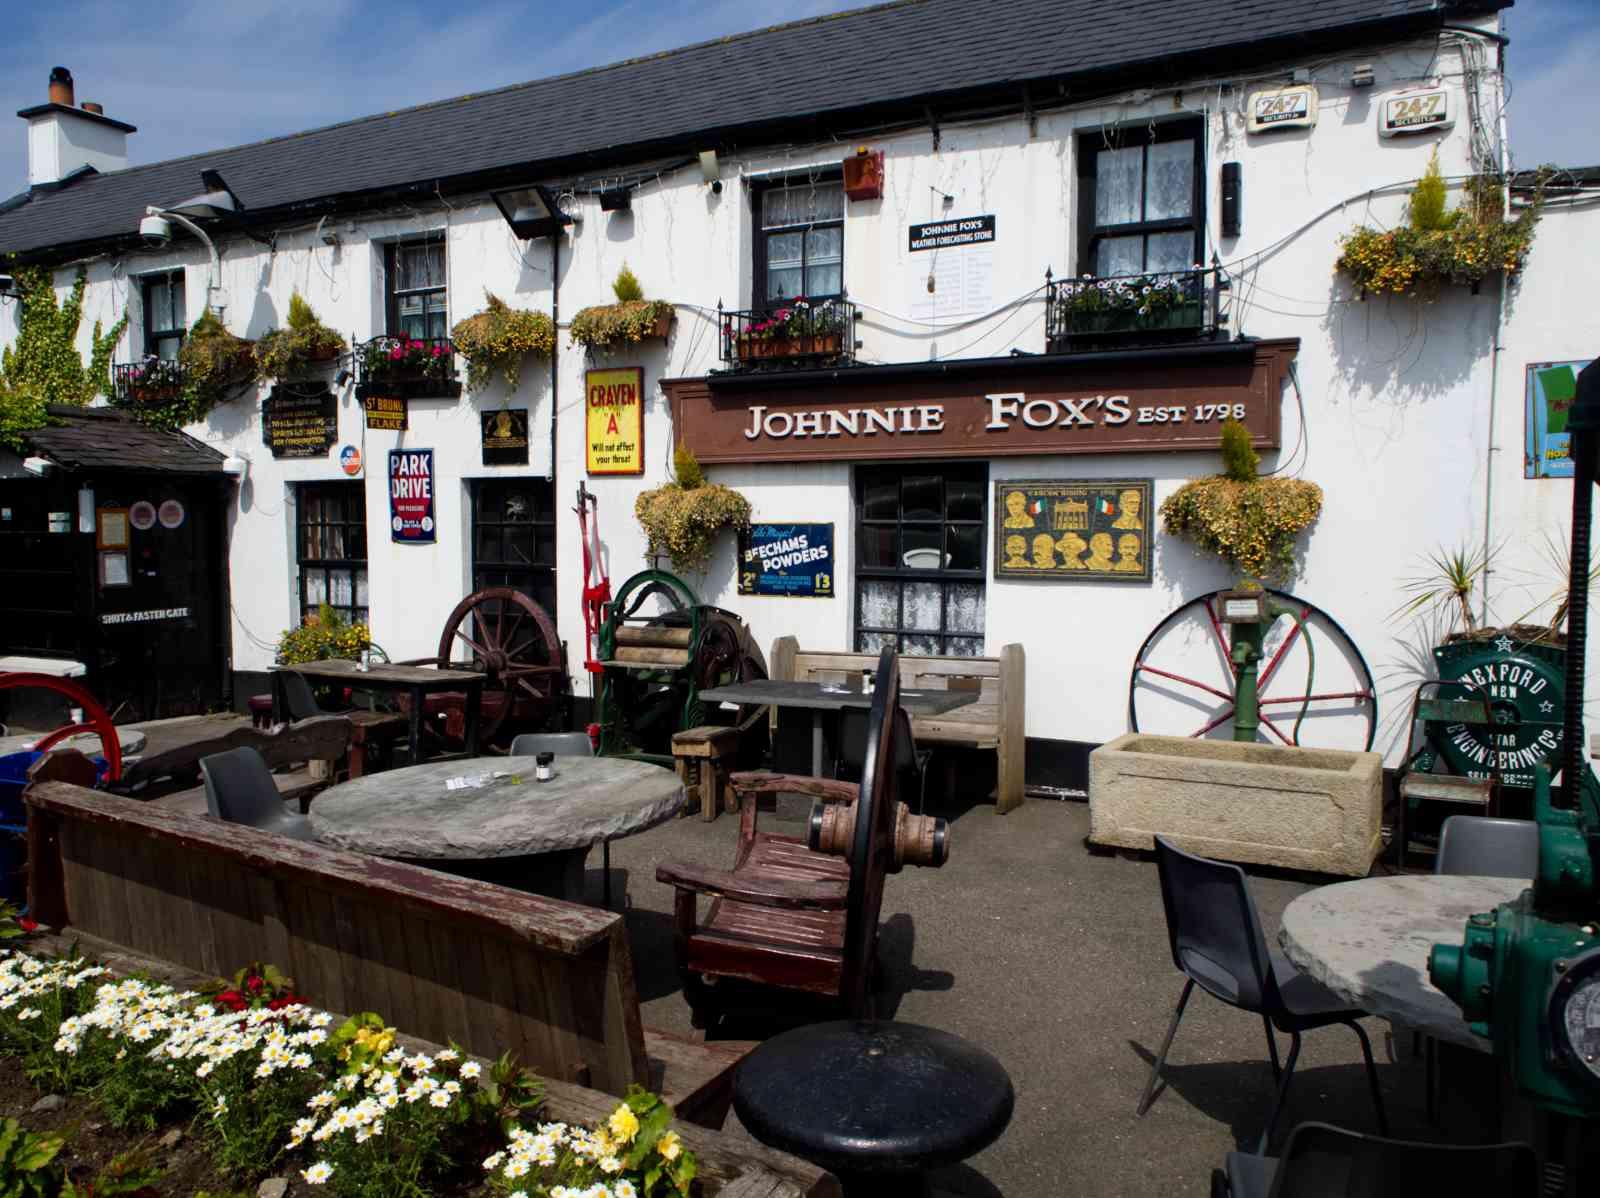 Irland - Johnnie Fox's Pub